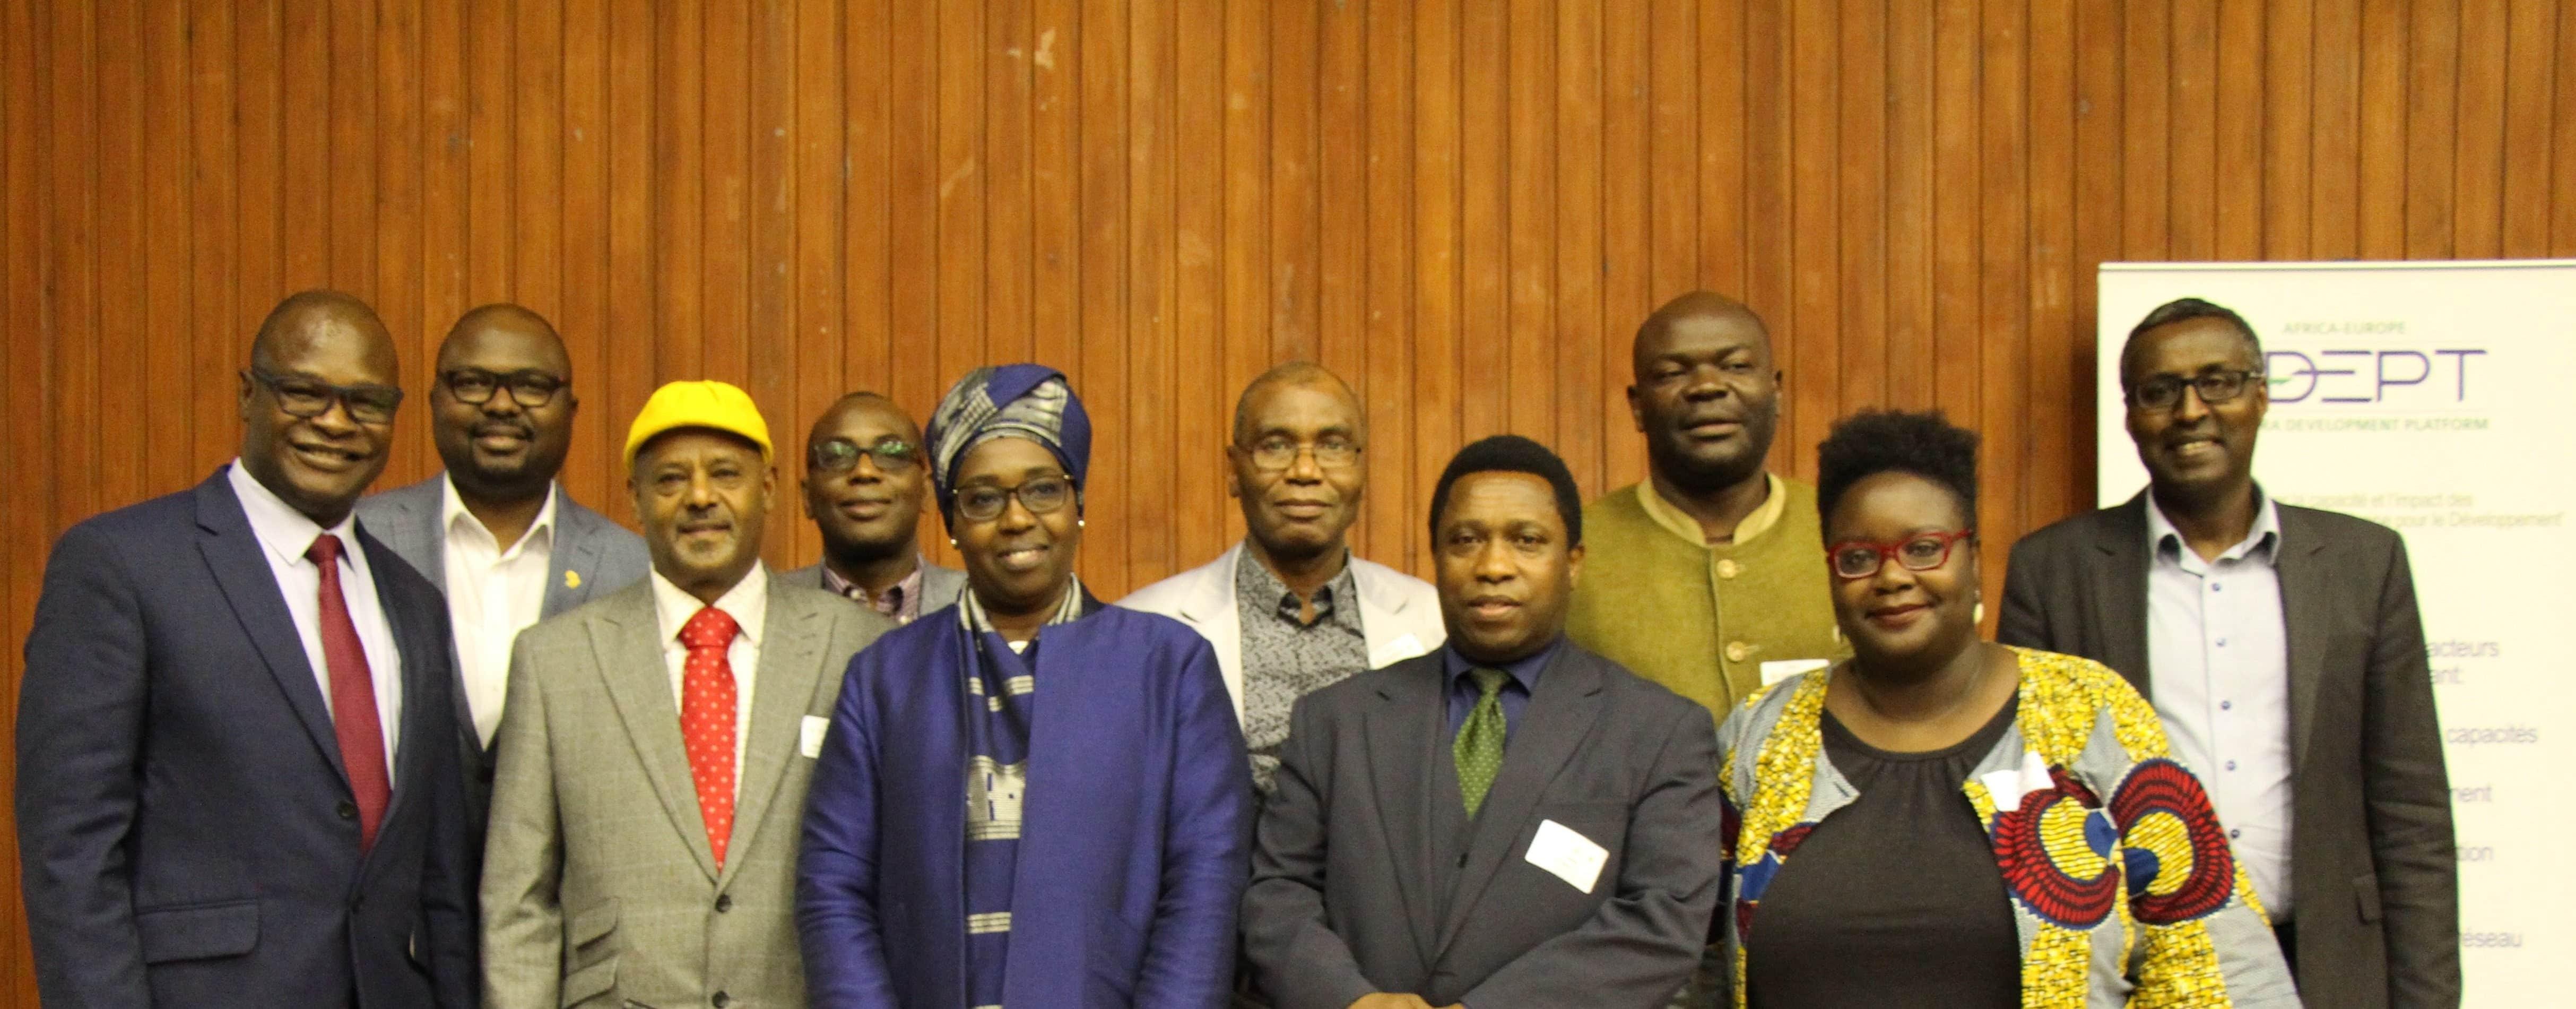 Eyachew Tefera v Svetu platforme diaspornih razvojnih organizacij ADEPT